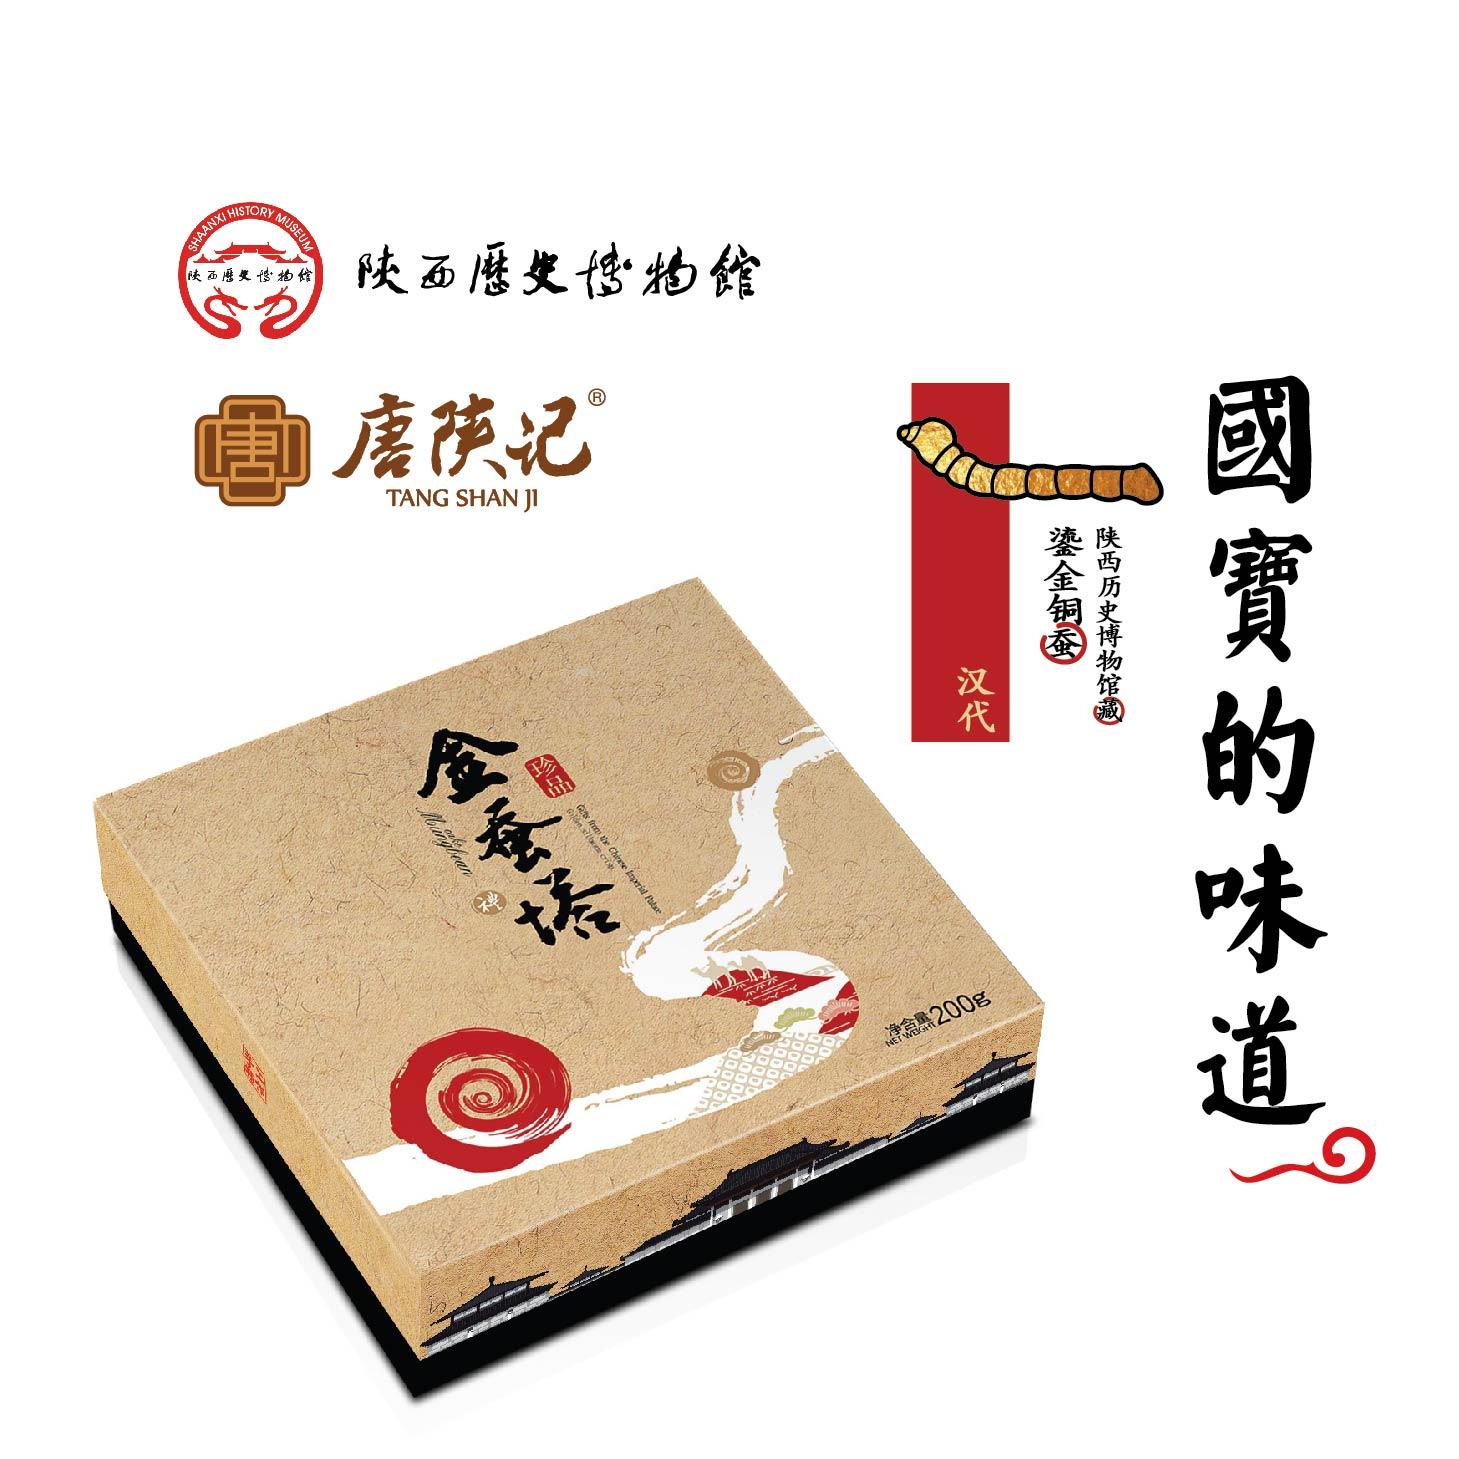 金蚕塔 陕西历史博物馆 陕西特产 古典食品 酥 手工点心